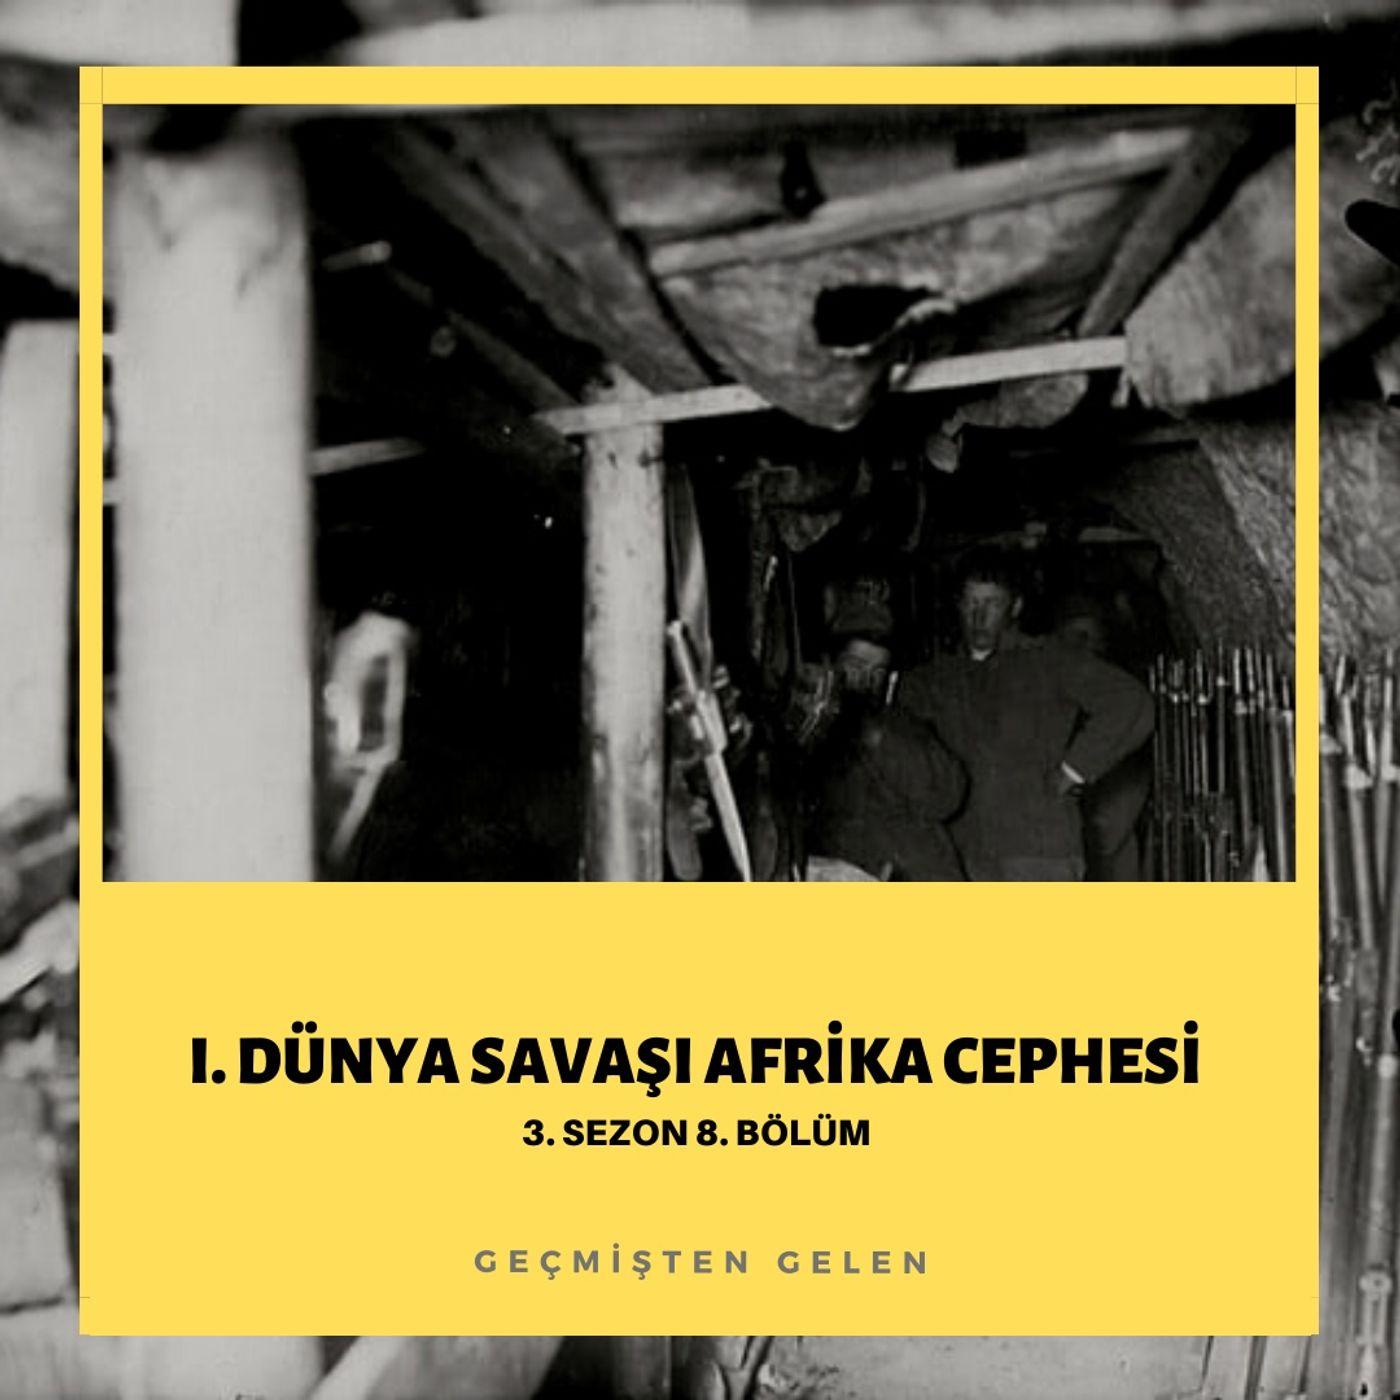 DÜNYA SAVAŞIYOR.08 - I. Dünya Savaşı Afrika Cephesi